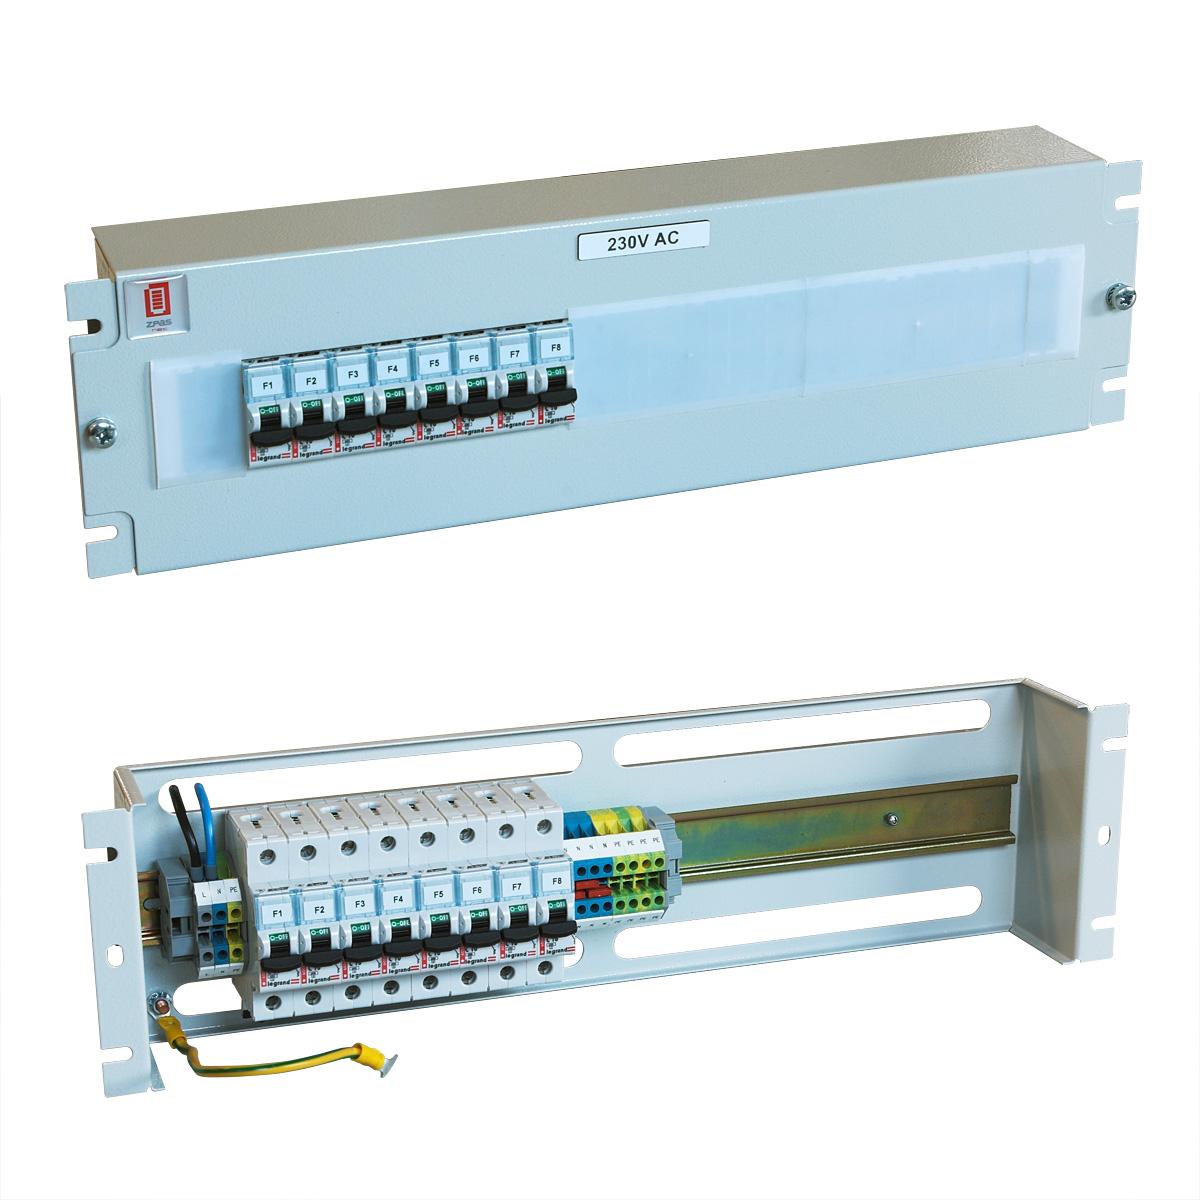 Jističový panel 230 V AC, 6x10 A, 2x16 A